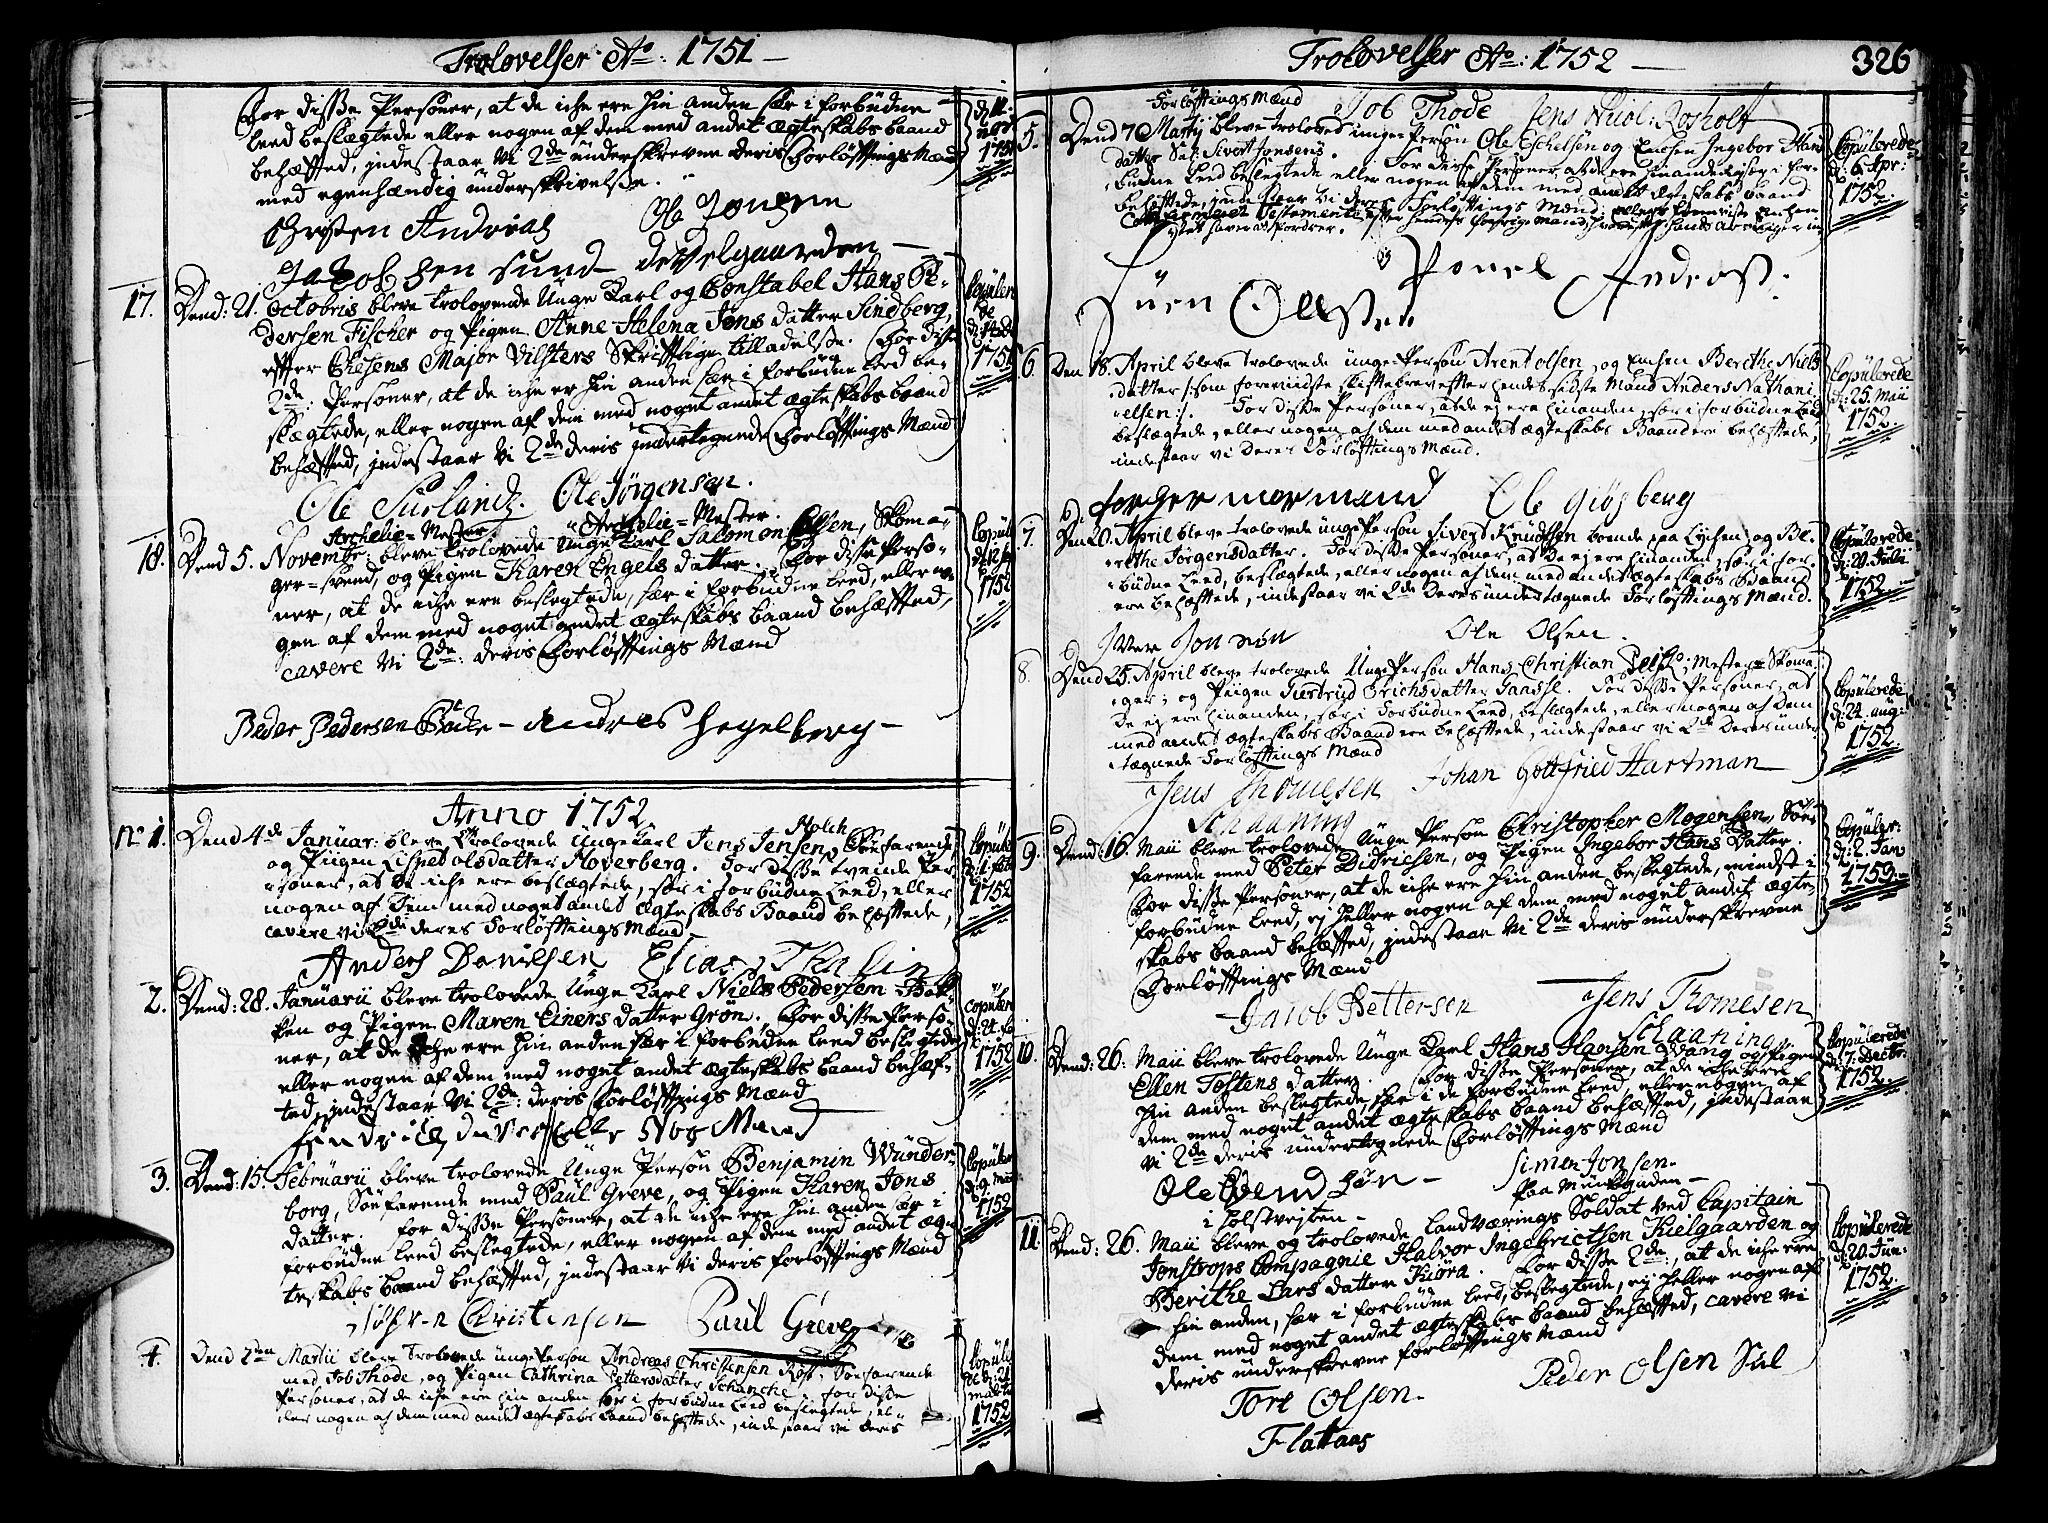 SAT, Ministerialprotokoller, klokkerbøker og fødselsregistre - Sør-Trøndelag, 602/L0103: Ministerialbok nr. 602A01, 1732-1774, s. 326